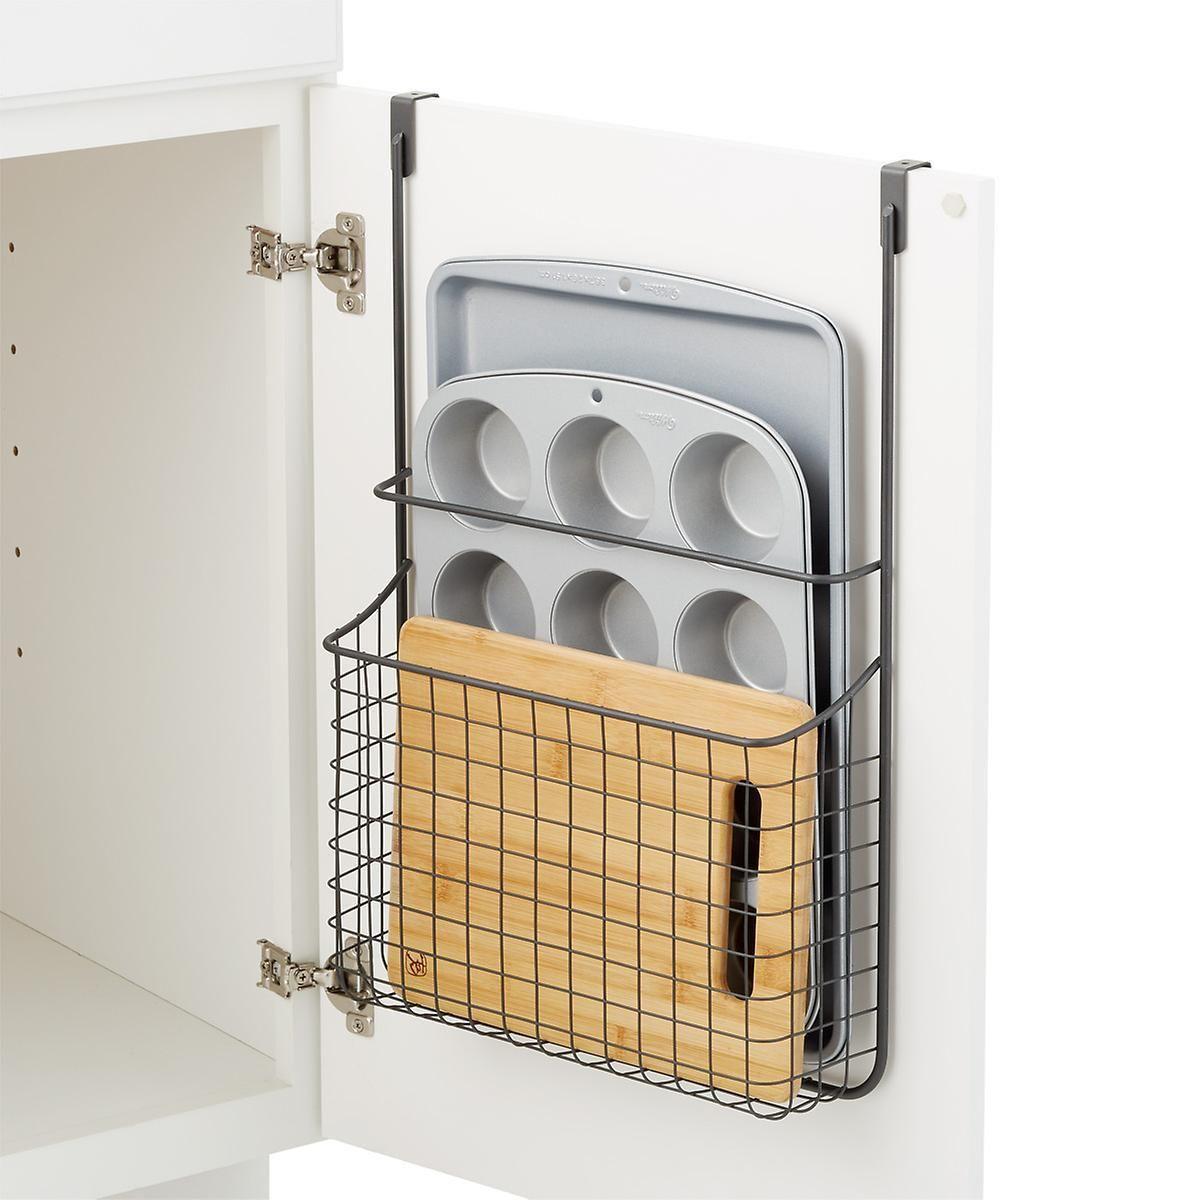 Over The Cabinet Grid Bakeware Holder In 2020 Kitchen Storage Space Kitchen Organization Diy Diy Kitchen Storage